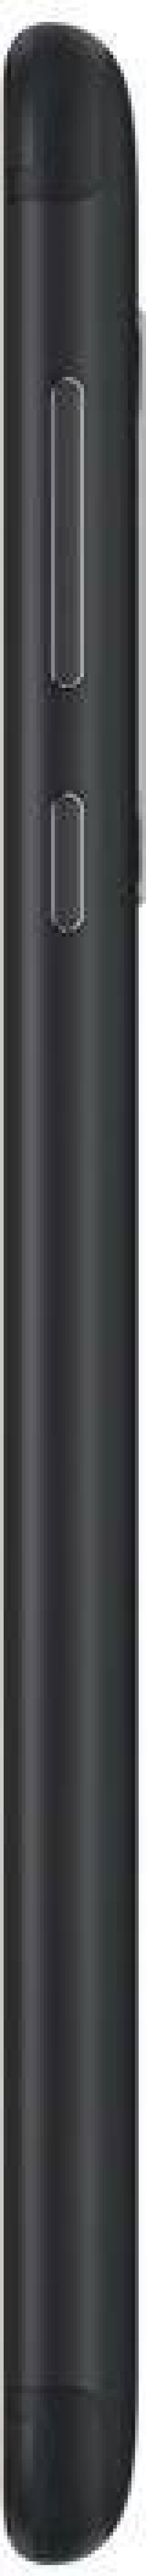 Снимка на Nokia 5